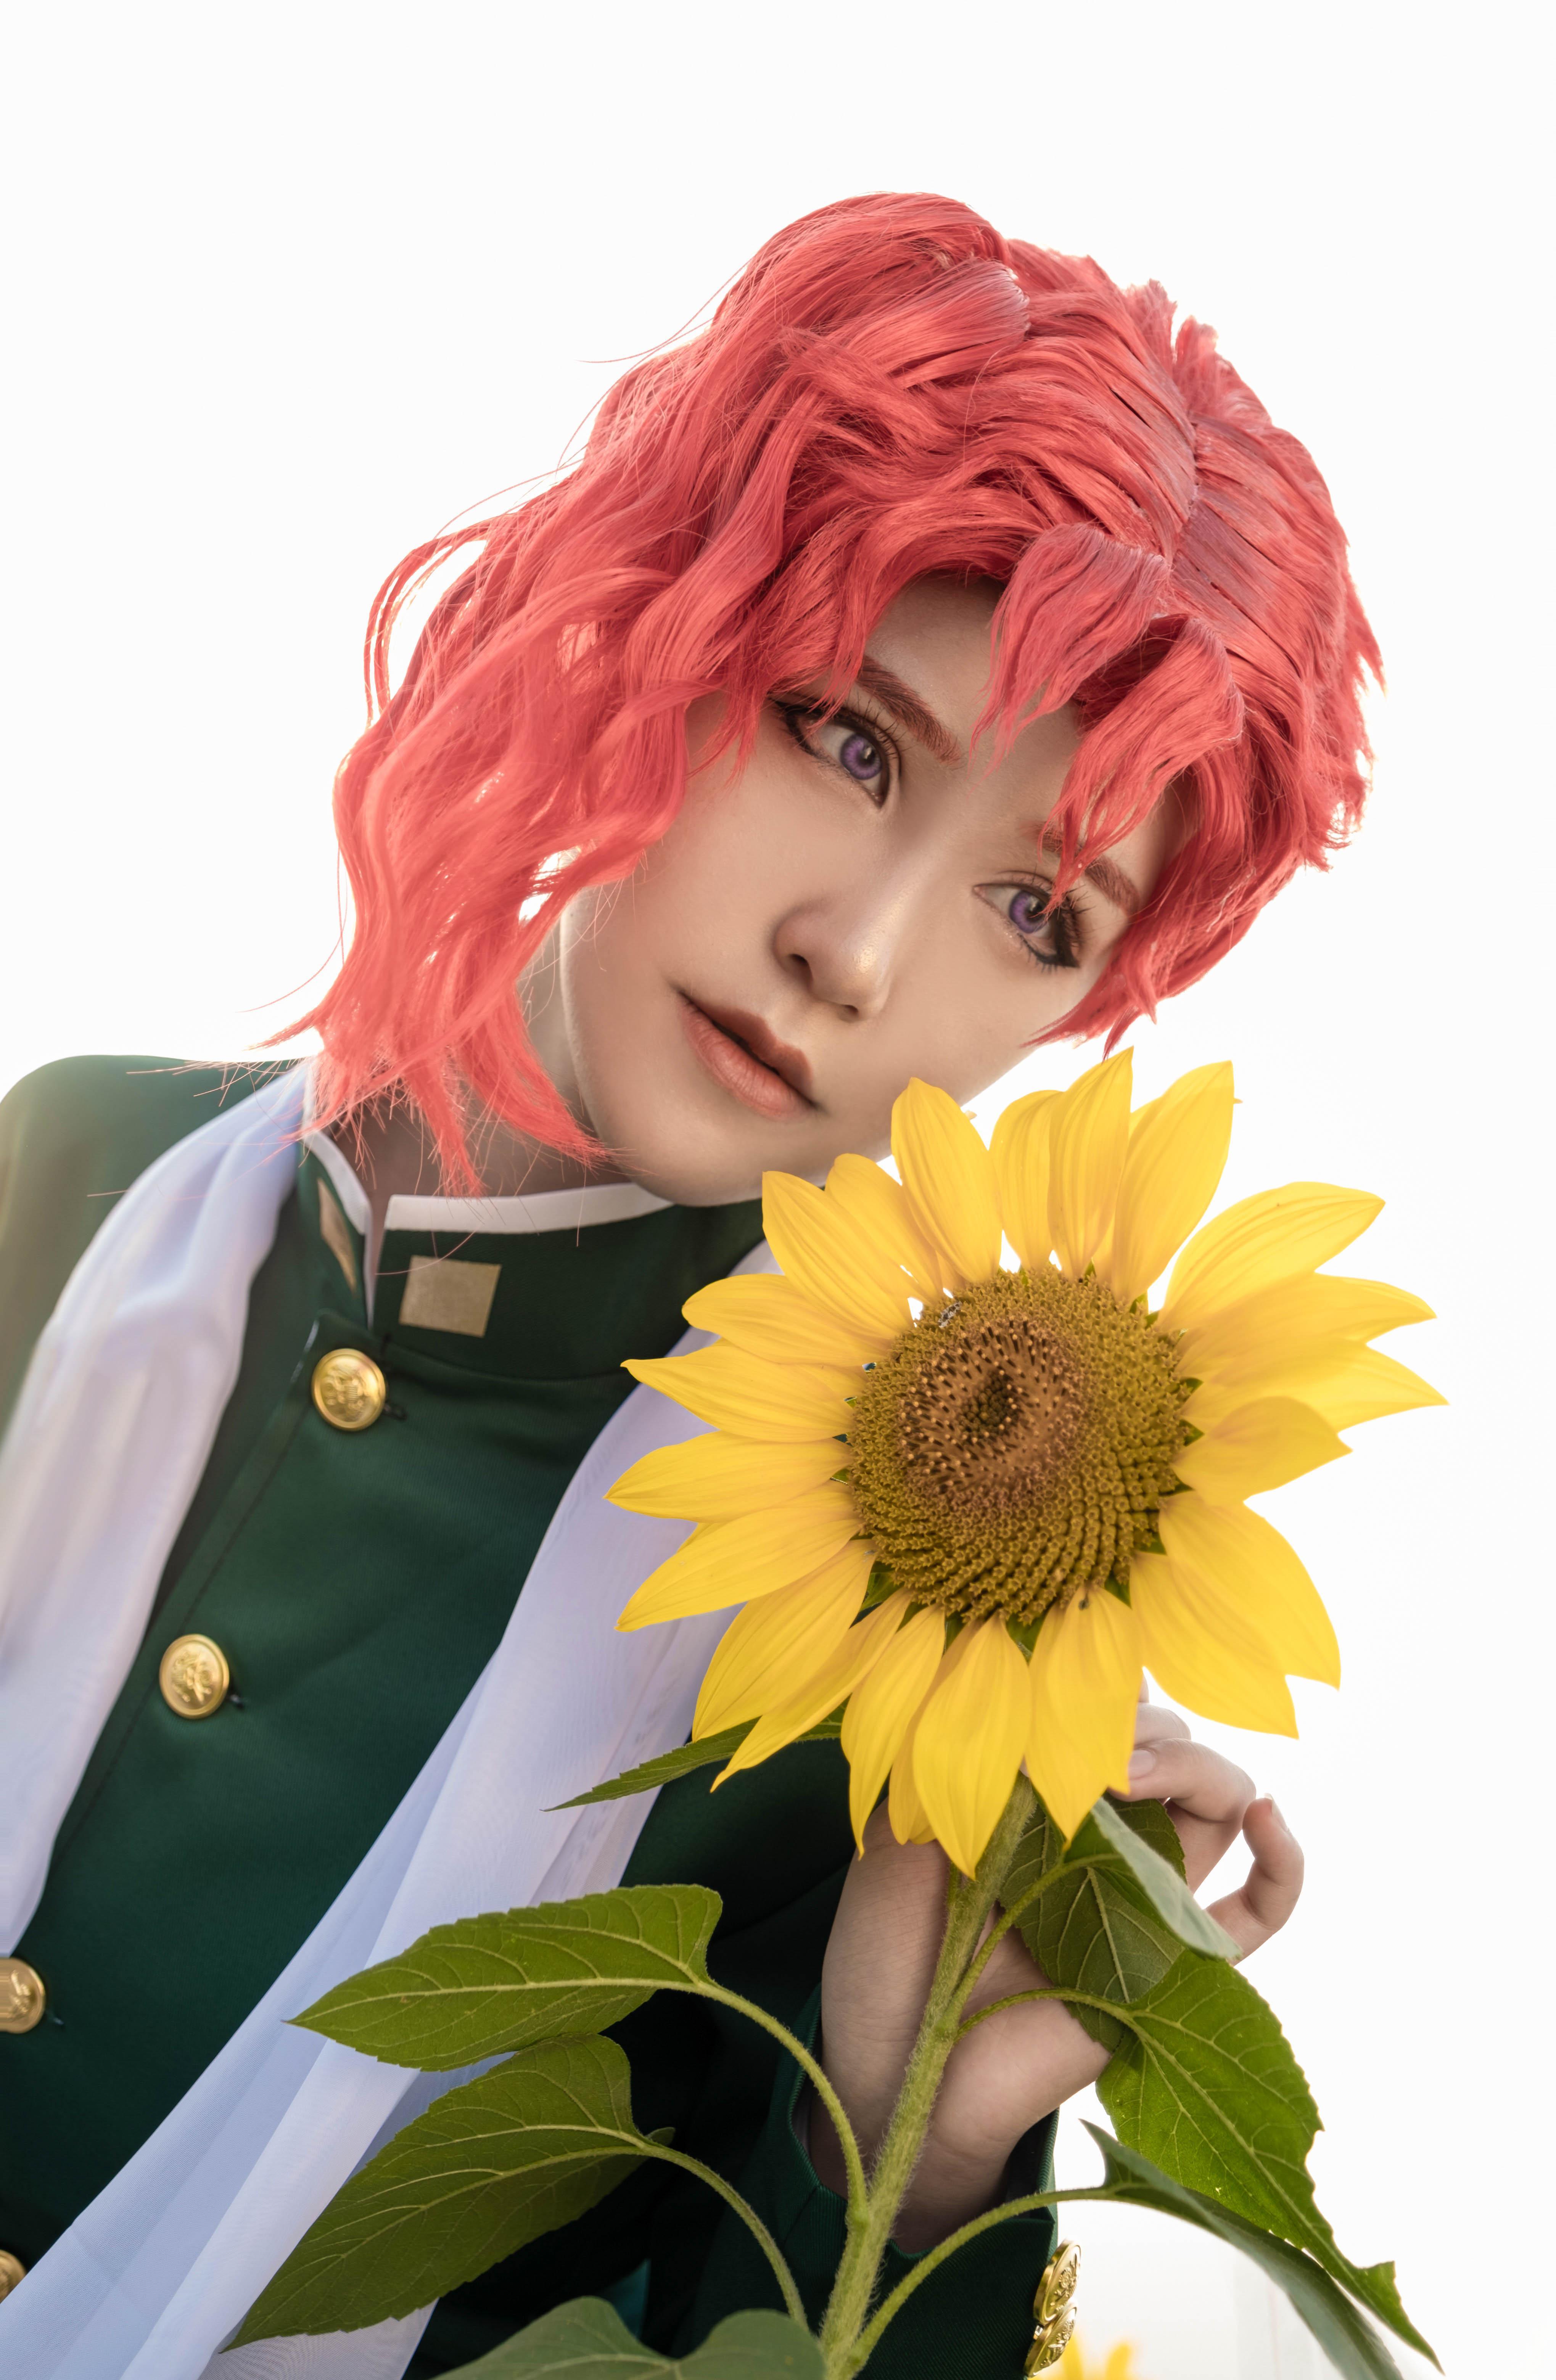 《JOJO的奇妙冒险》花京院cosplay【CN:司俊xi】-第8张